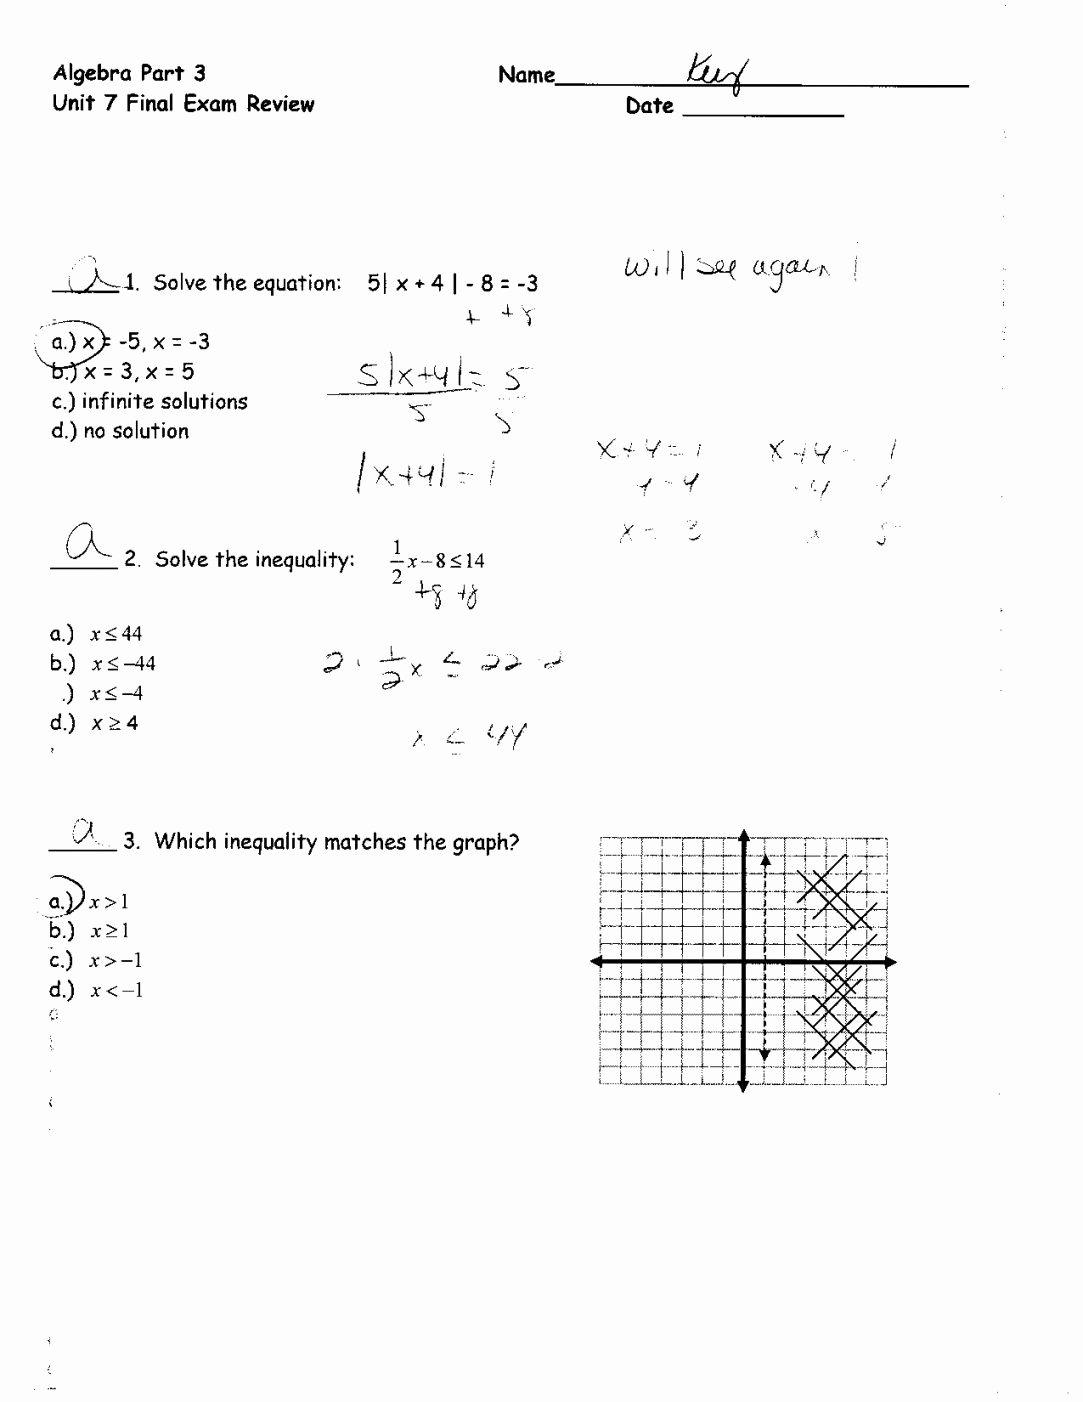 Graphing Linear Inequalities Worksheet Elegant Graphing Linear Equations Worksheet Algebra 1